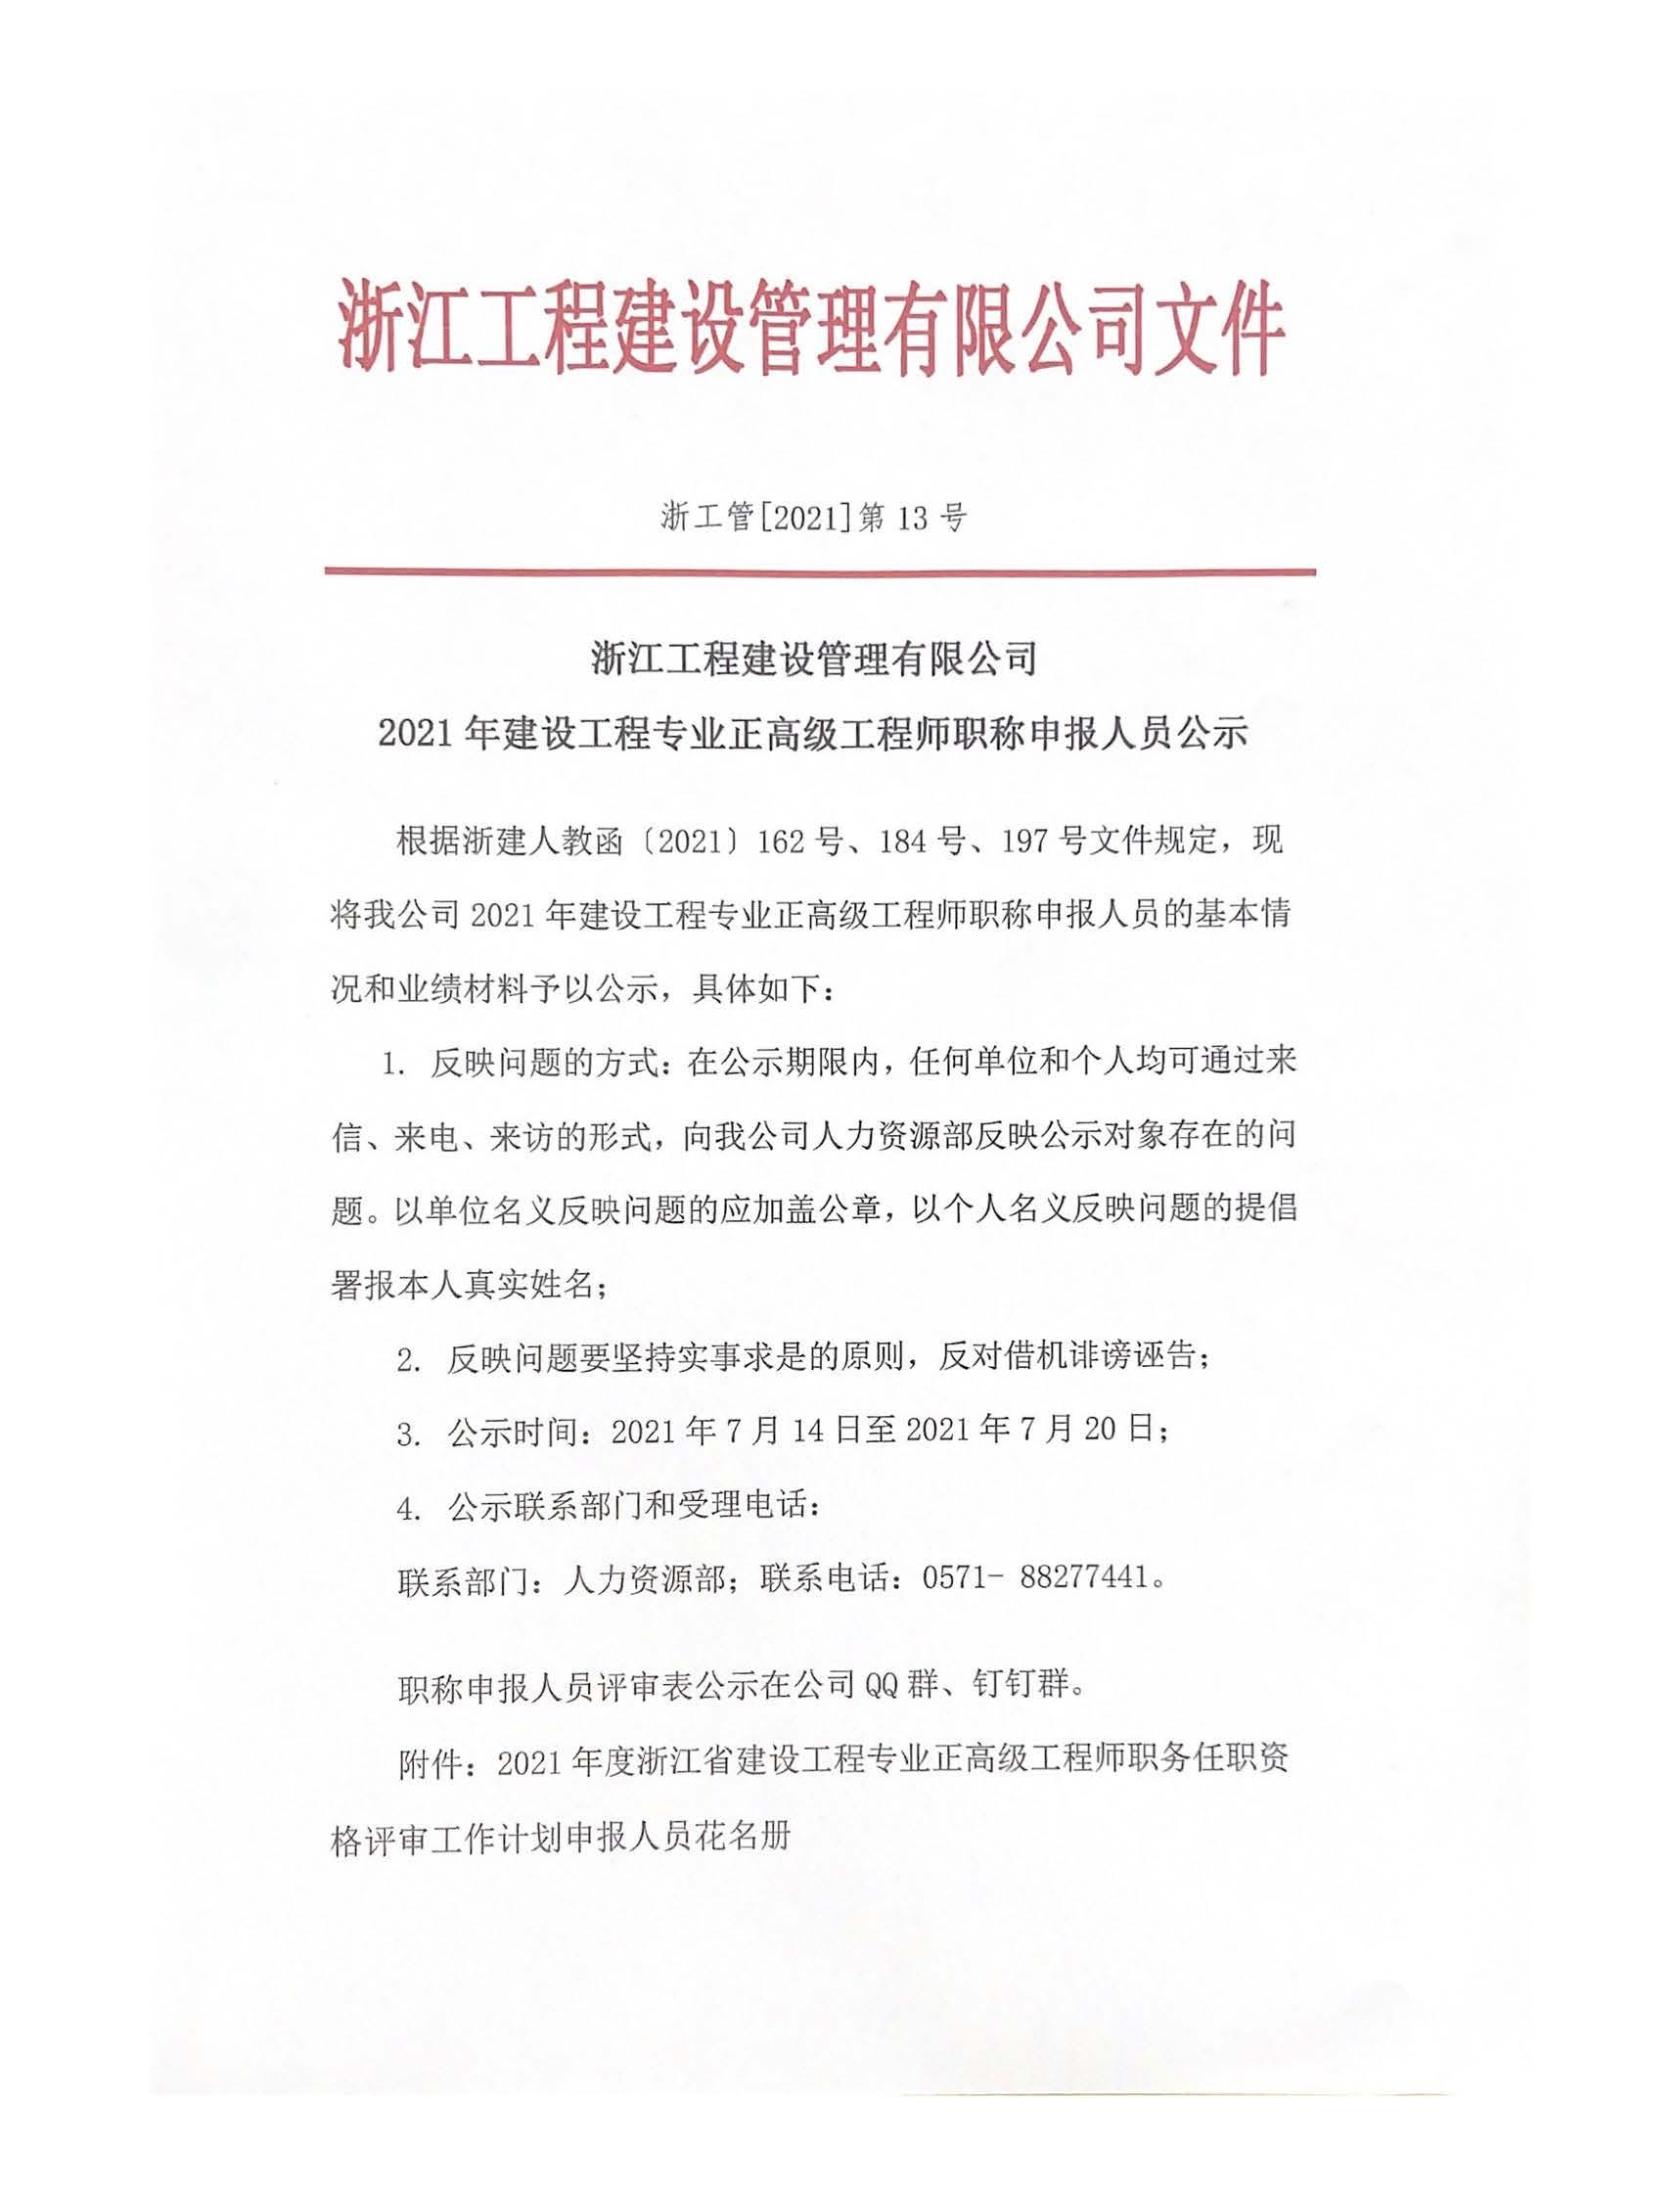 浙江nba投注app管理有限公司 2021年建设工程专业正高级工程师职称申报人员公示